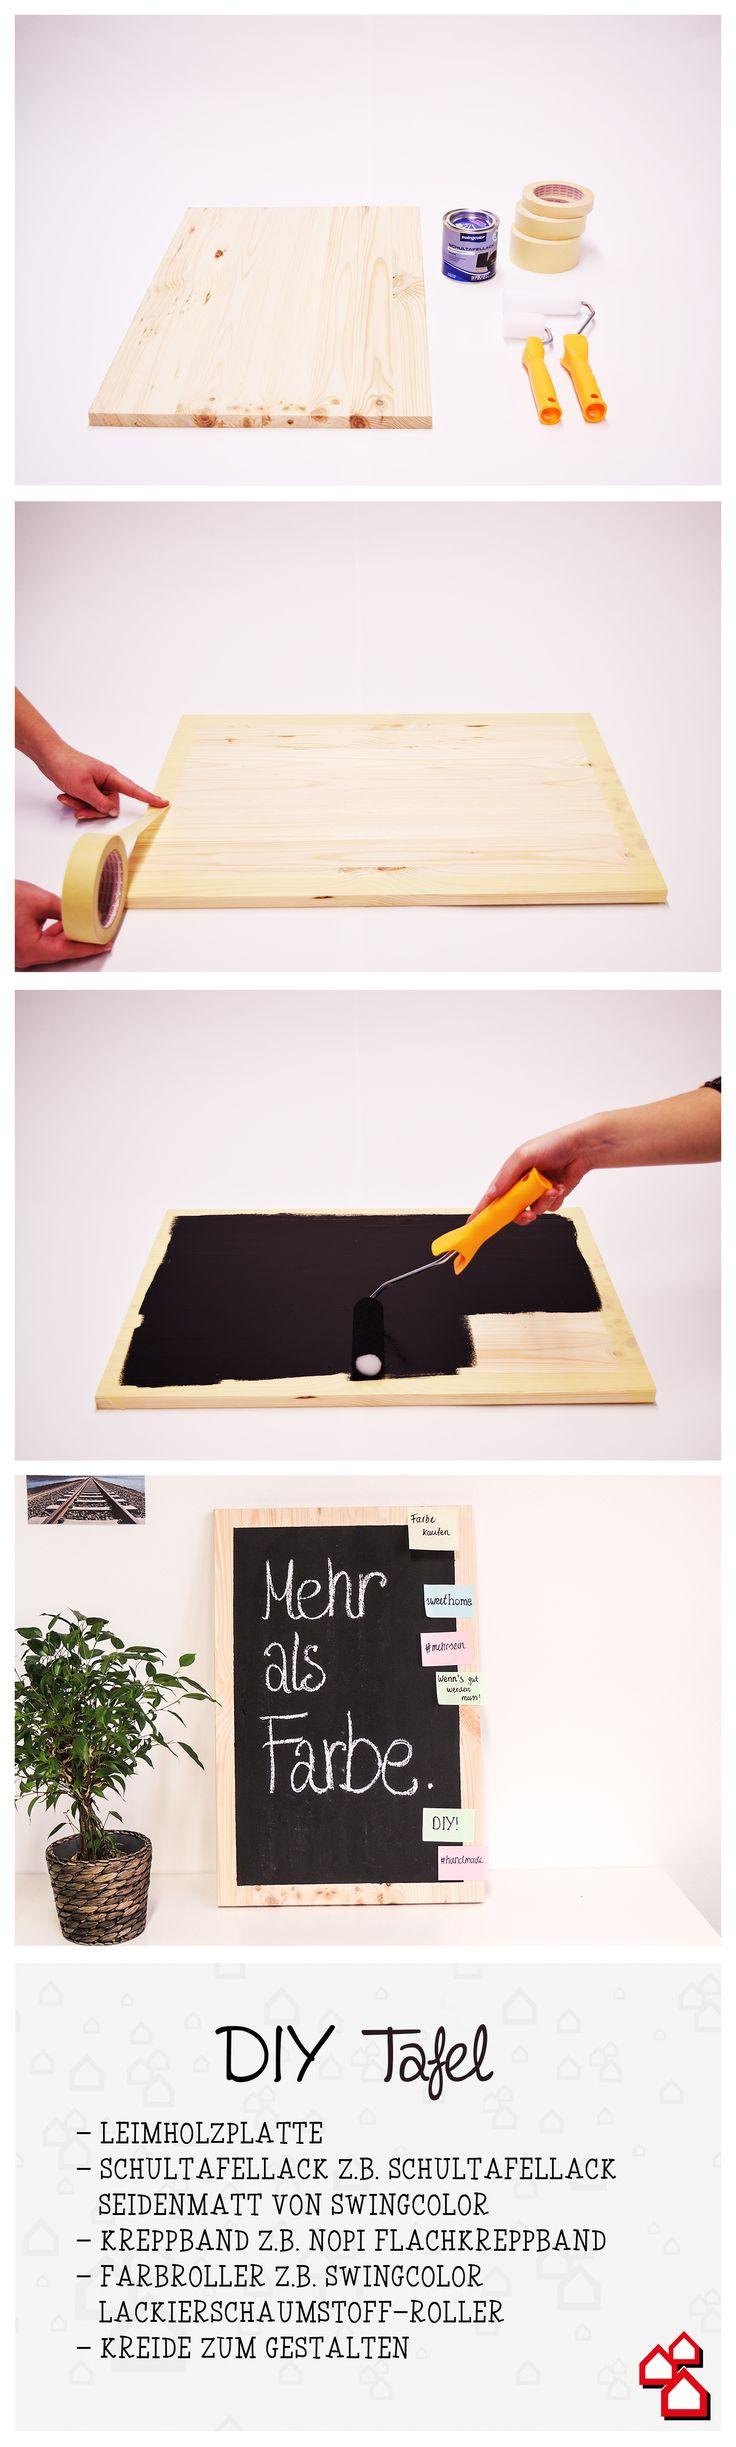 die 25 besten ideen zu einfache heimwerkerprojekte auf pinterest diy kunstprojekte. Black Bedroom Furniture Sets. Home Design Ideas